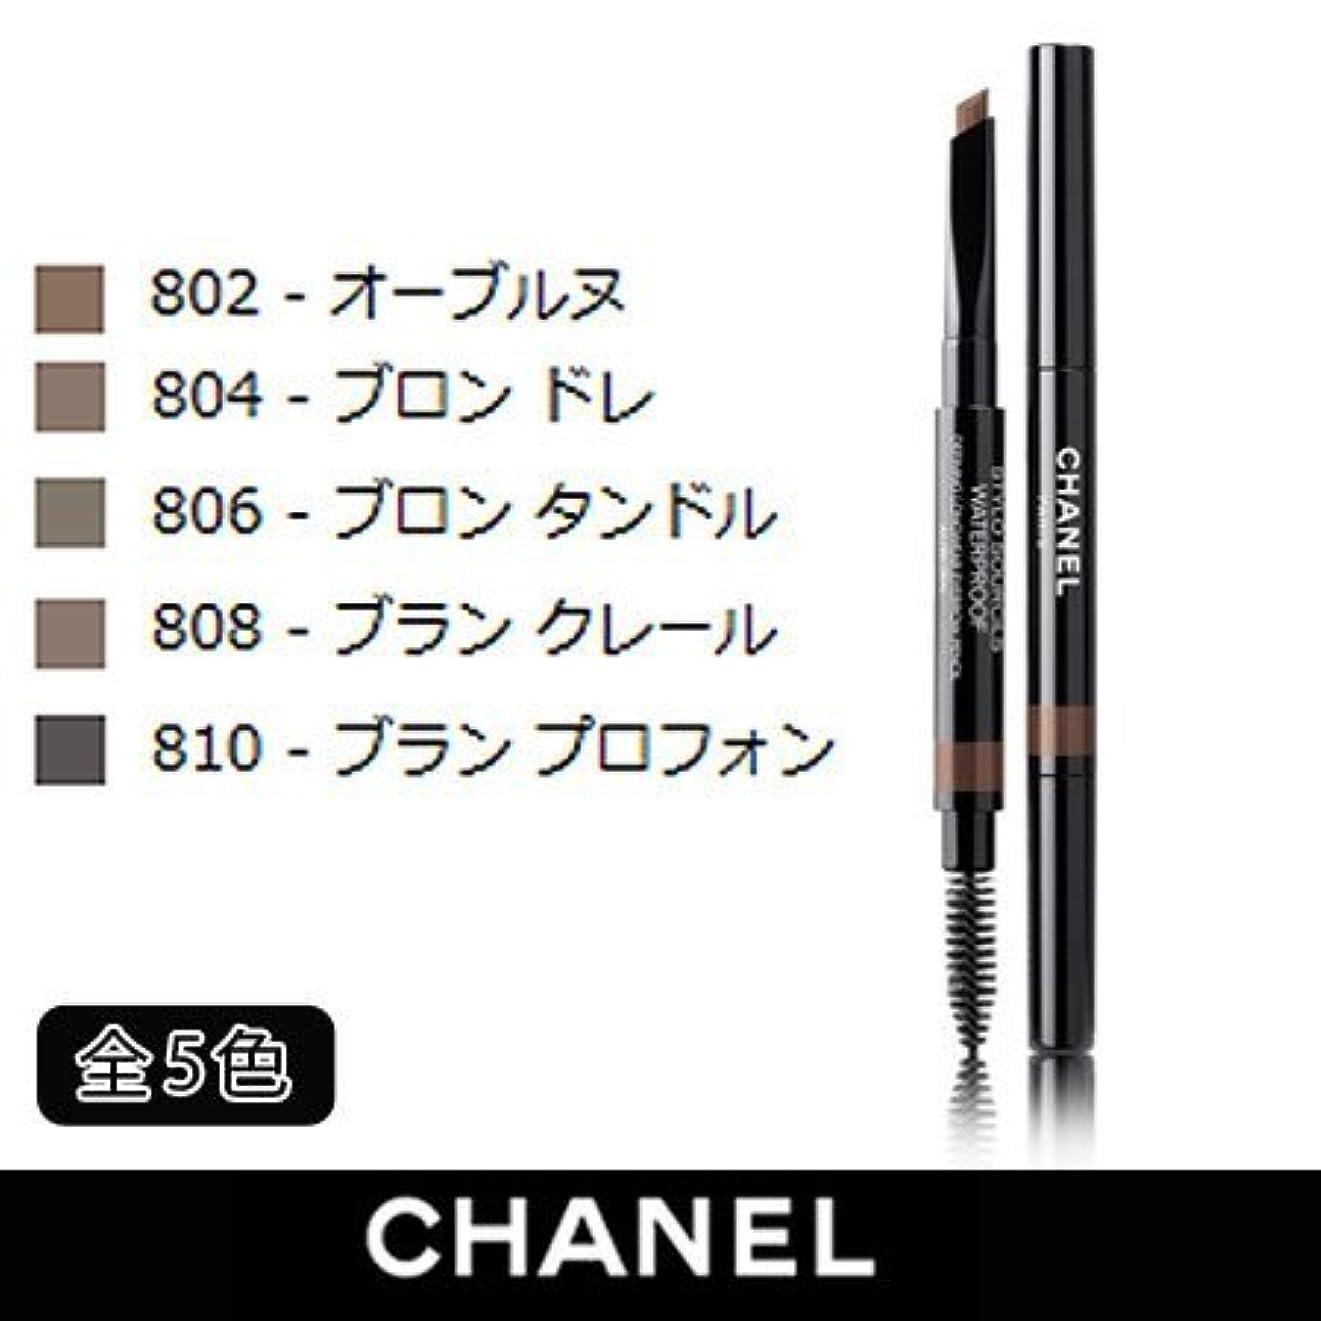 厳あなたが良くなります理論的シャネルスティロ スルスィル ウォータープルーフ 全5色 -CHANEL- 810